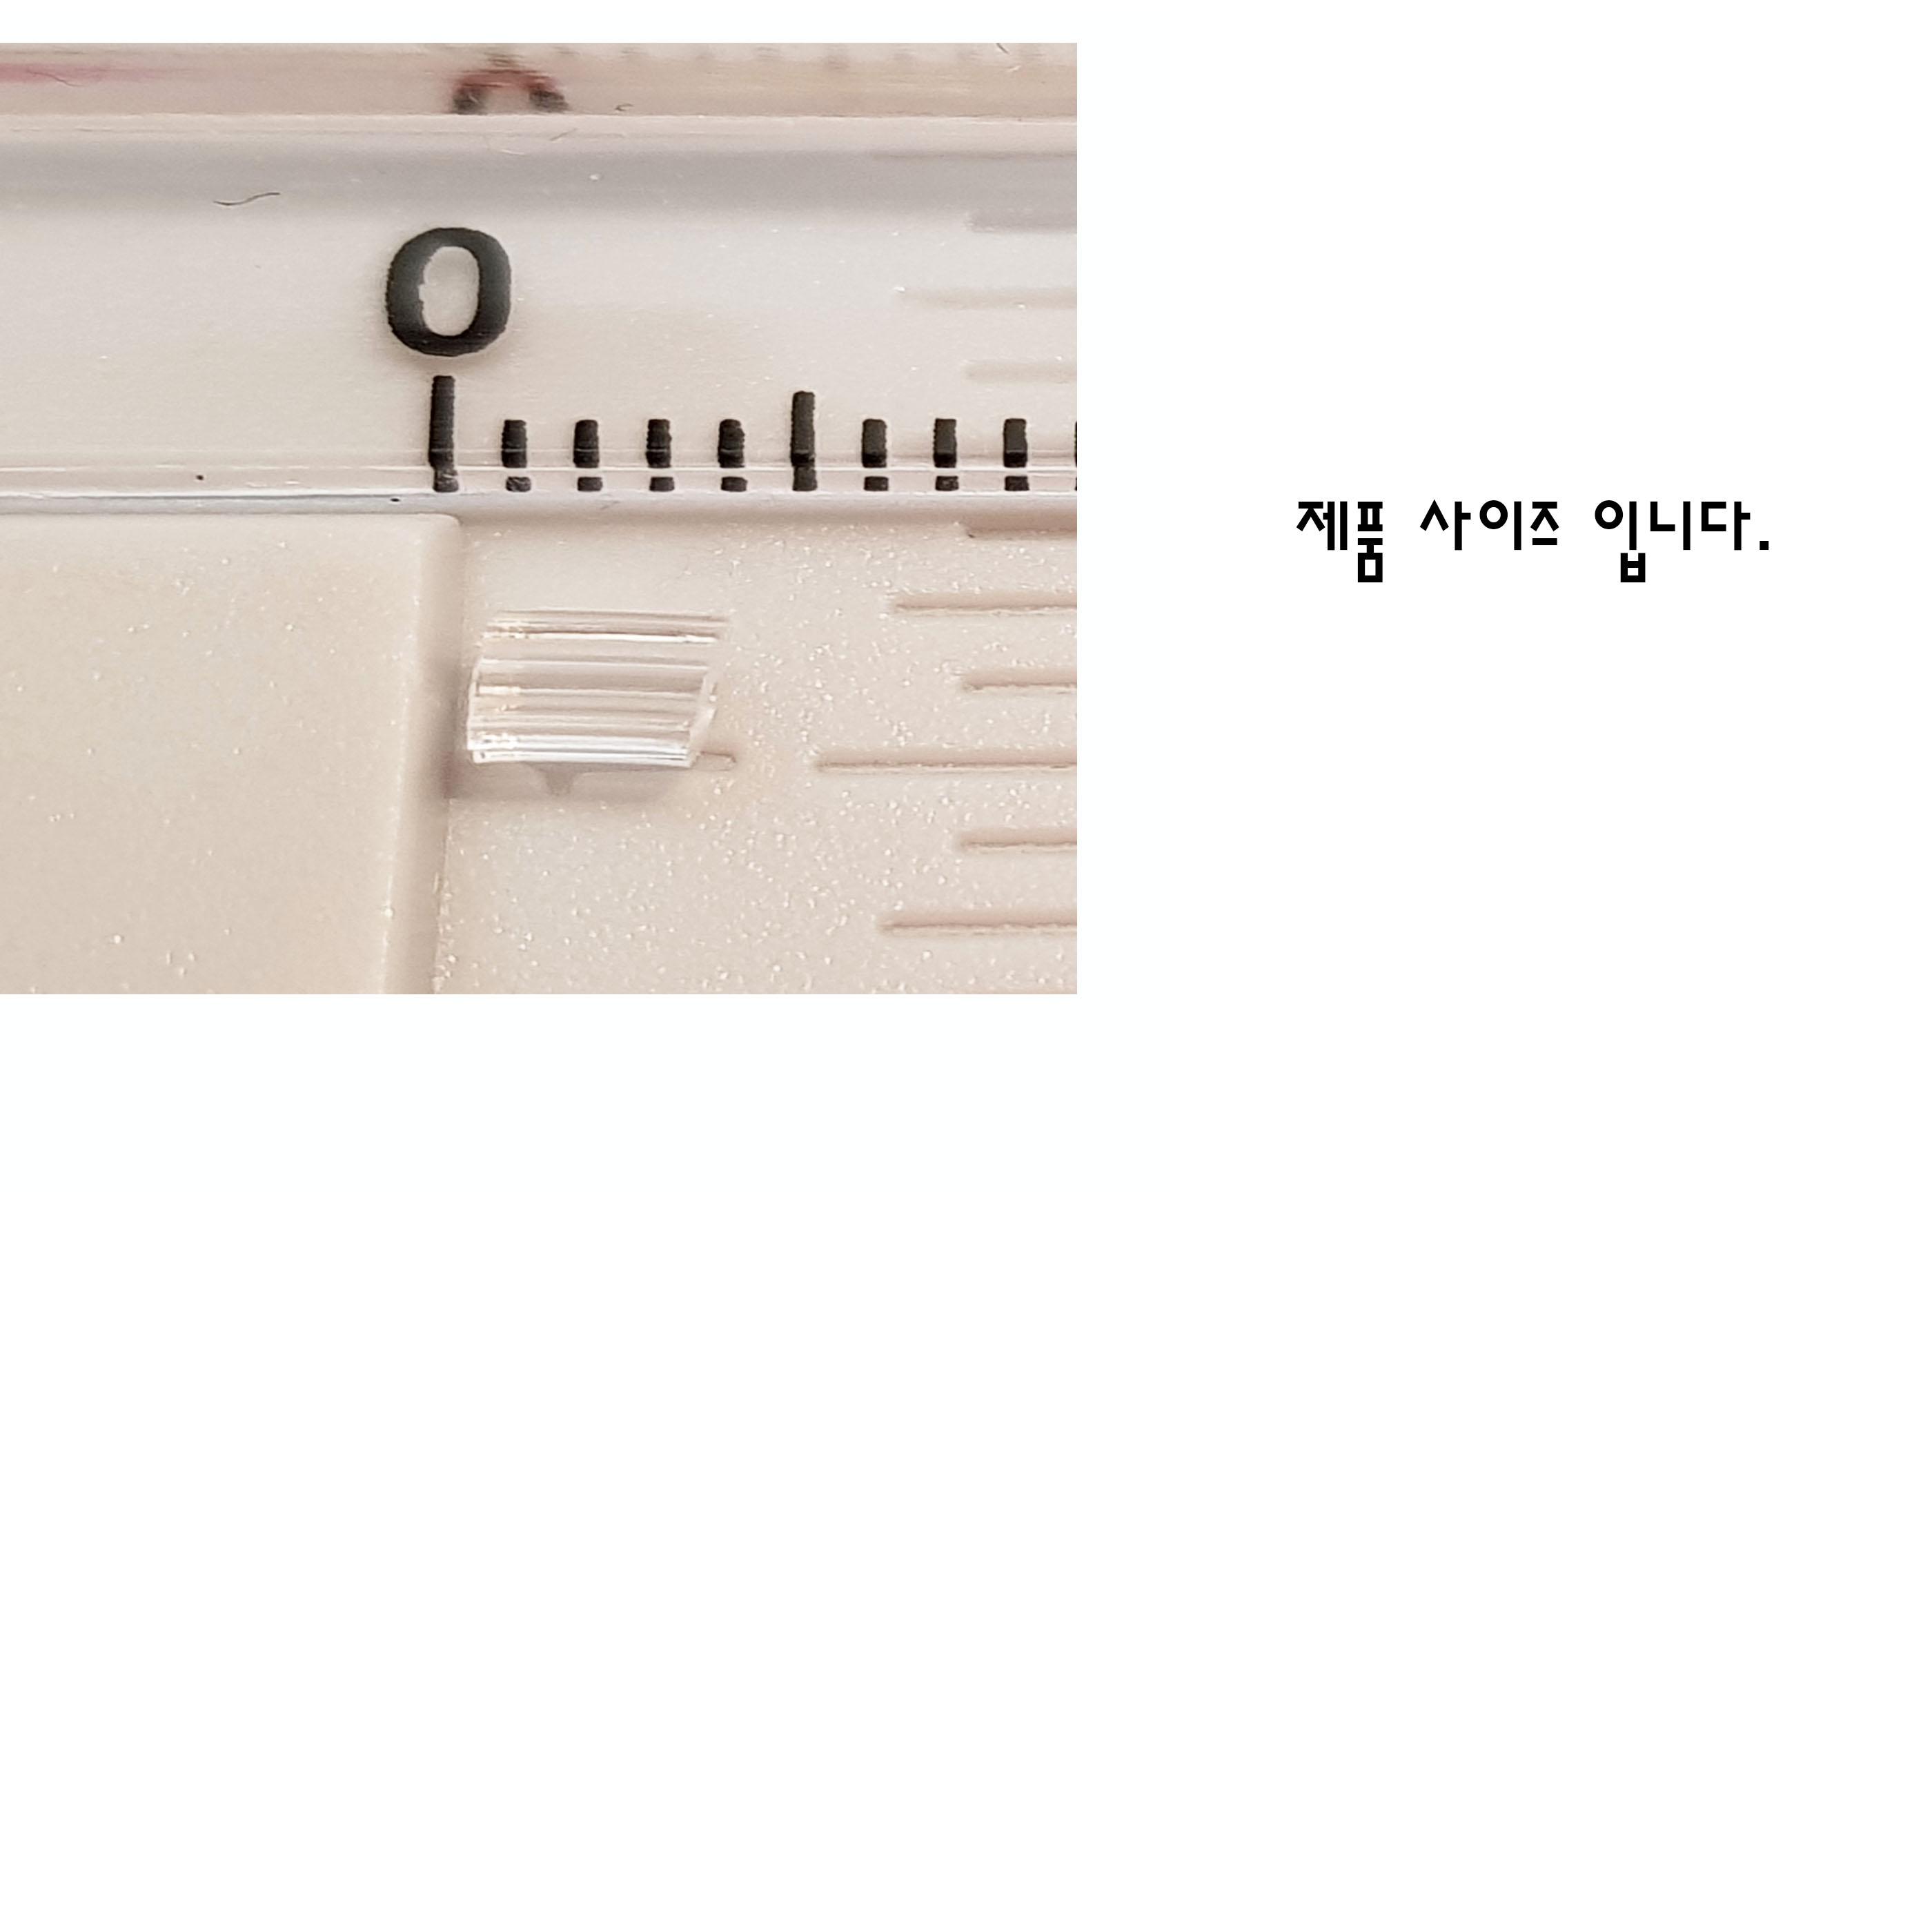 f5b8195d1f827783b08bd553ca5971d0_1585564684_3824.jpg